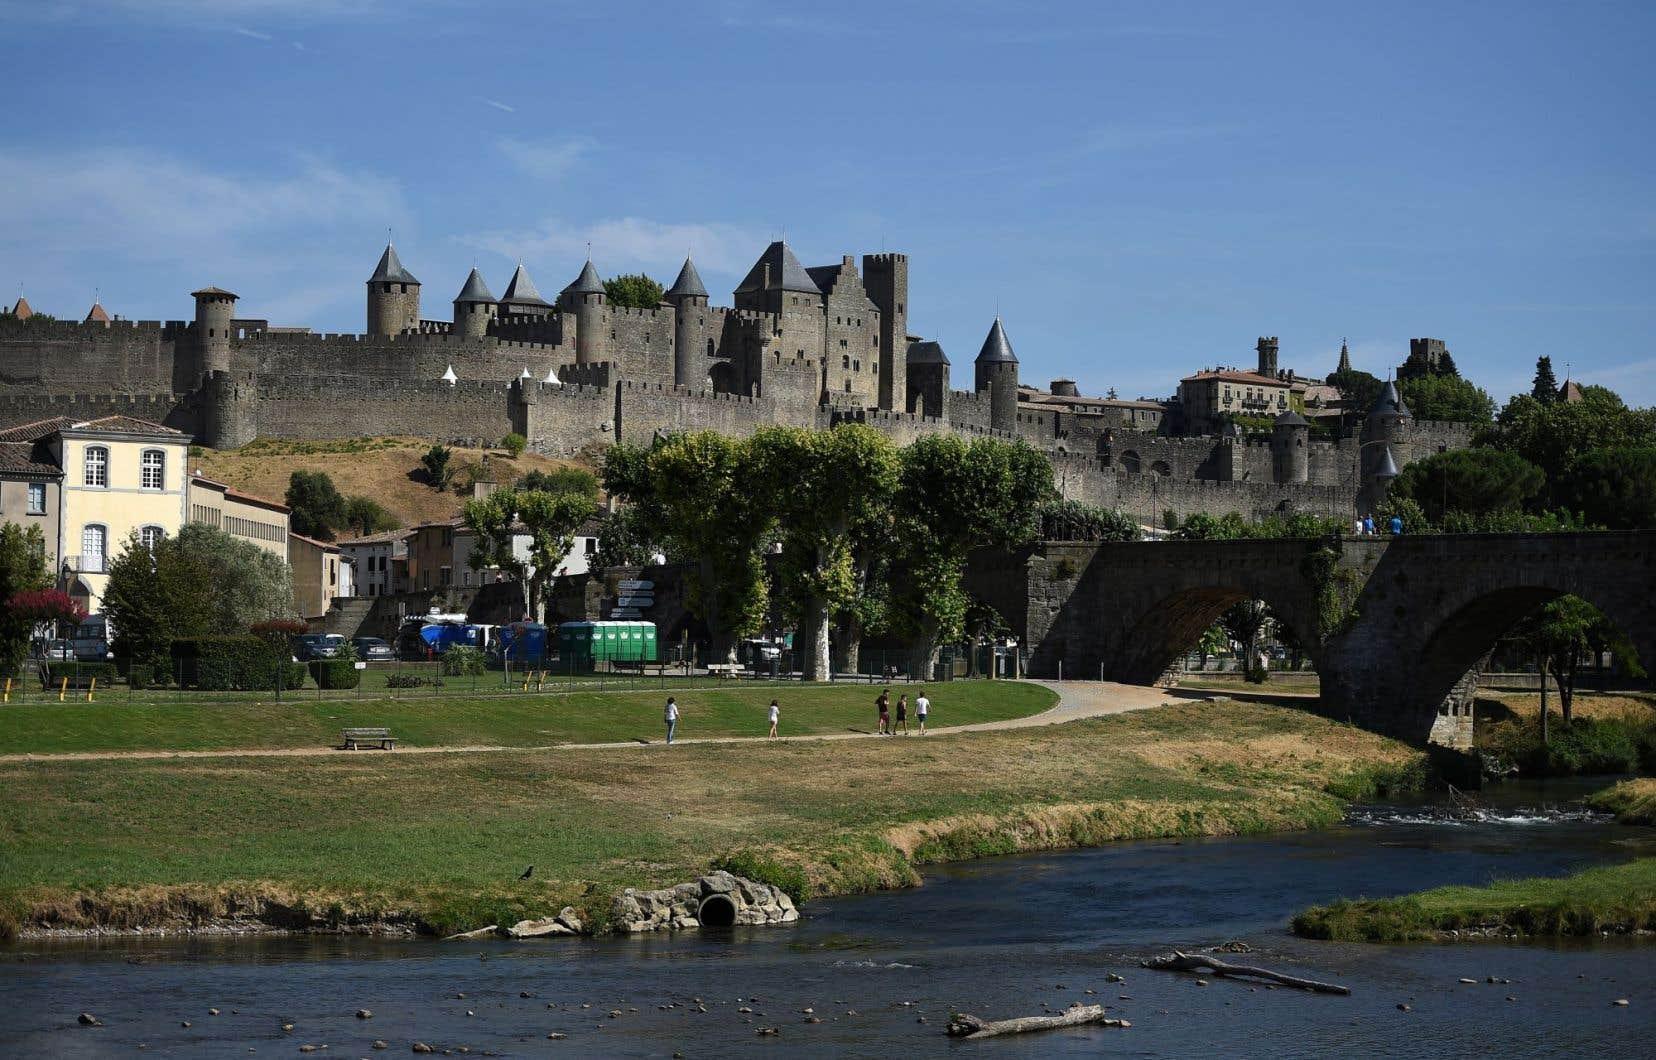 La citadelle de Carcassonne, dans le sud-ouest de la France. La cité fortifiée figure sur la liste du Patrimoine mondial de l'UNESCO.